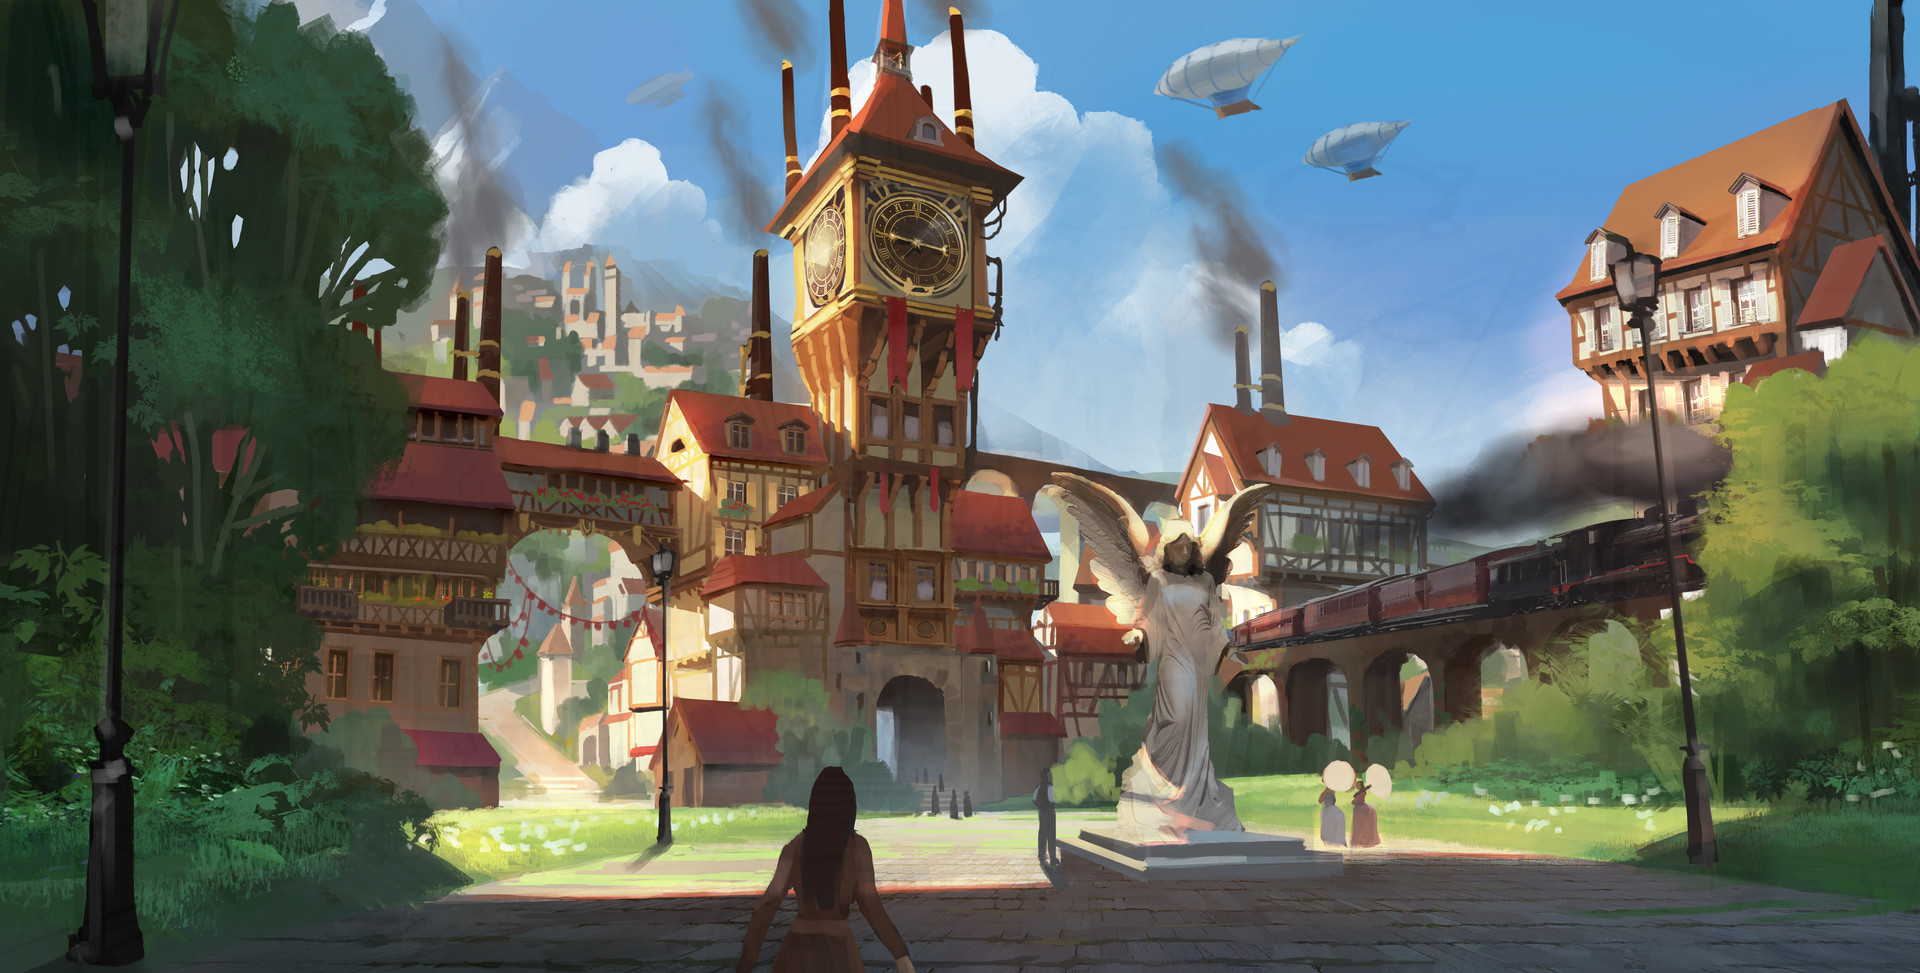 jess-woulfe-cityscape-v16.jpg